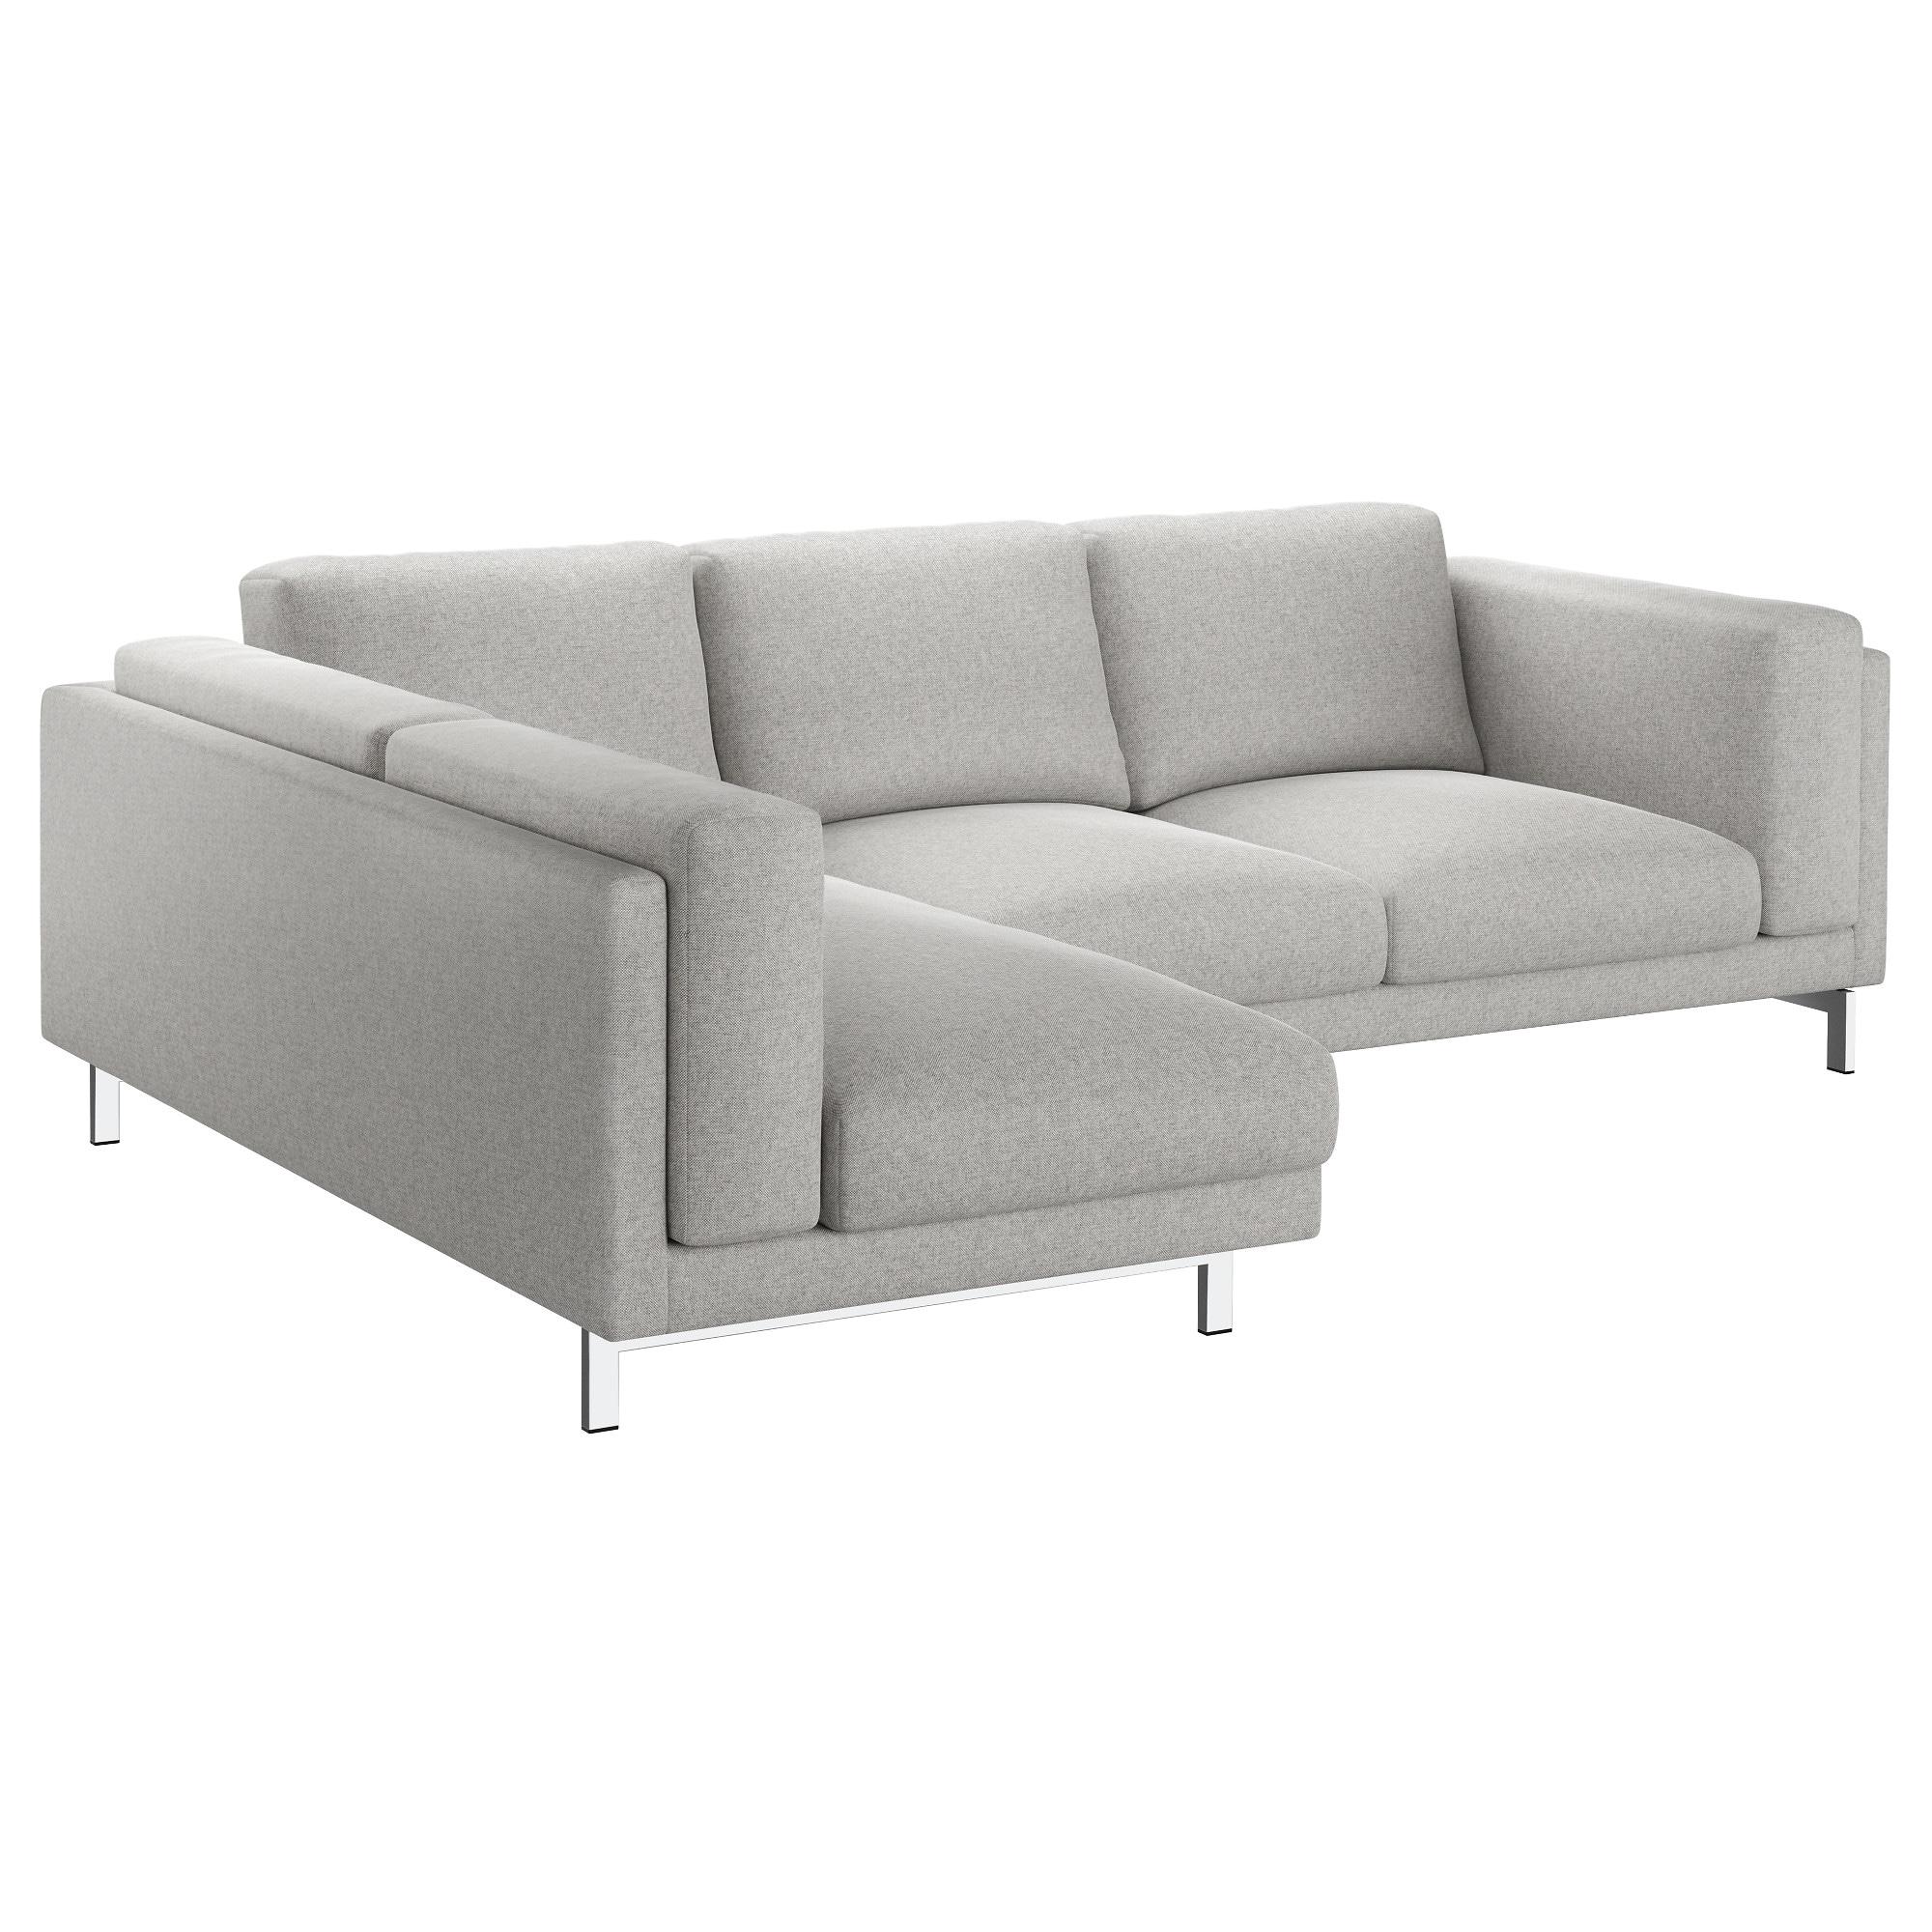 Sofa Nockeby Xtd6 Nockeby 3 Seat sofa with Chaise Longue Right Tallmyra White Black